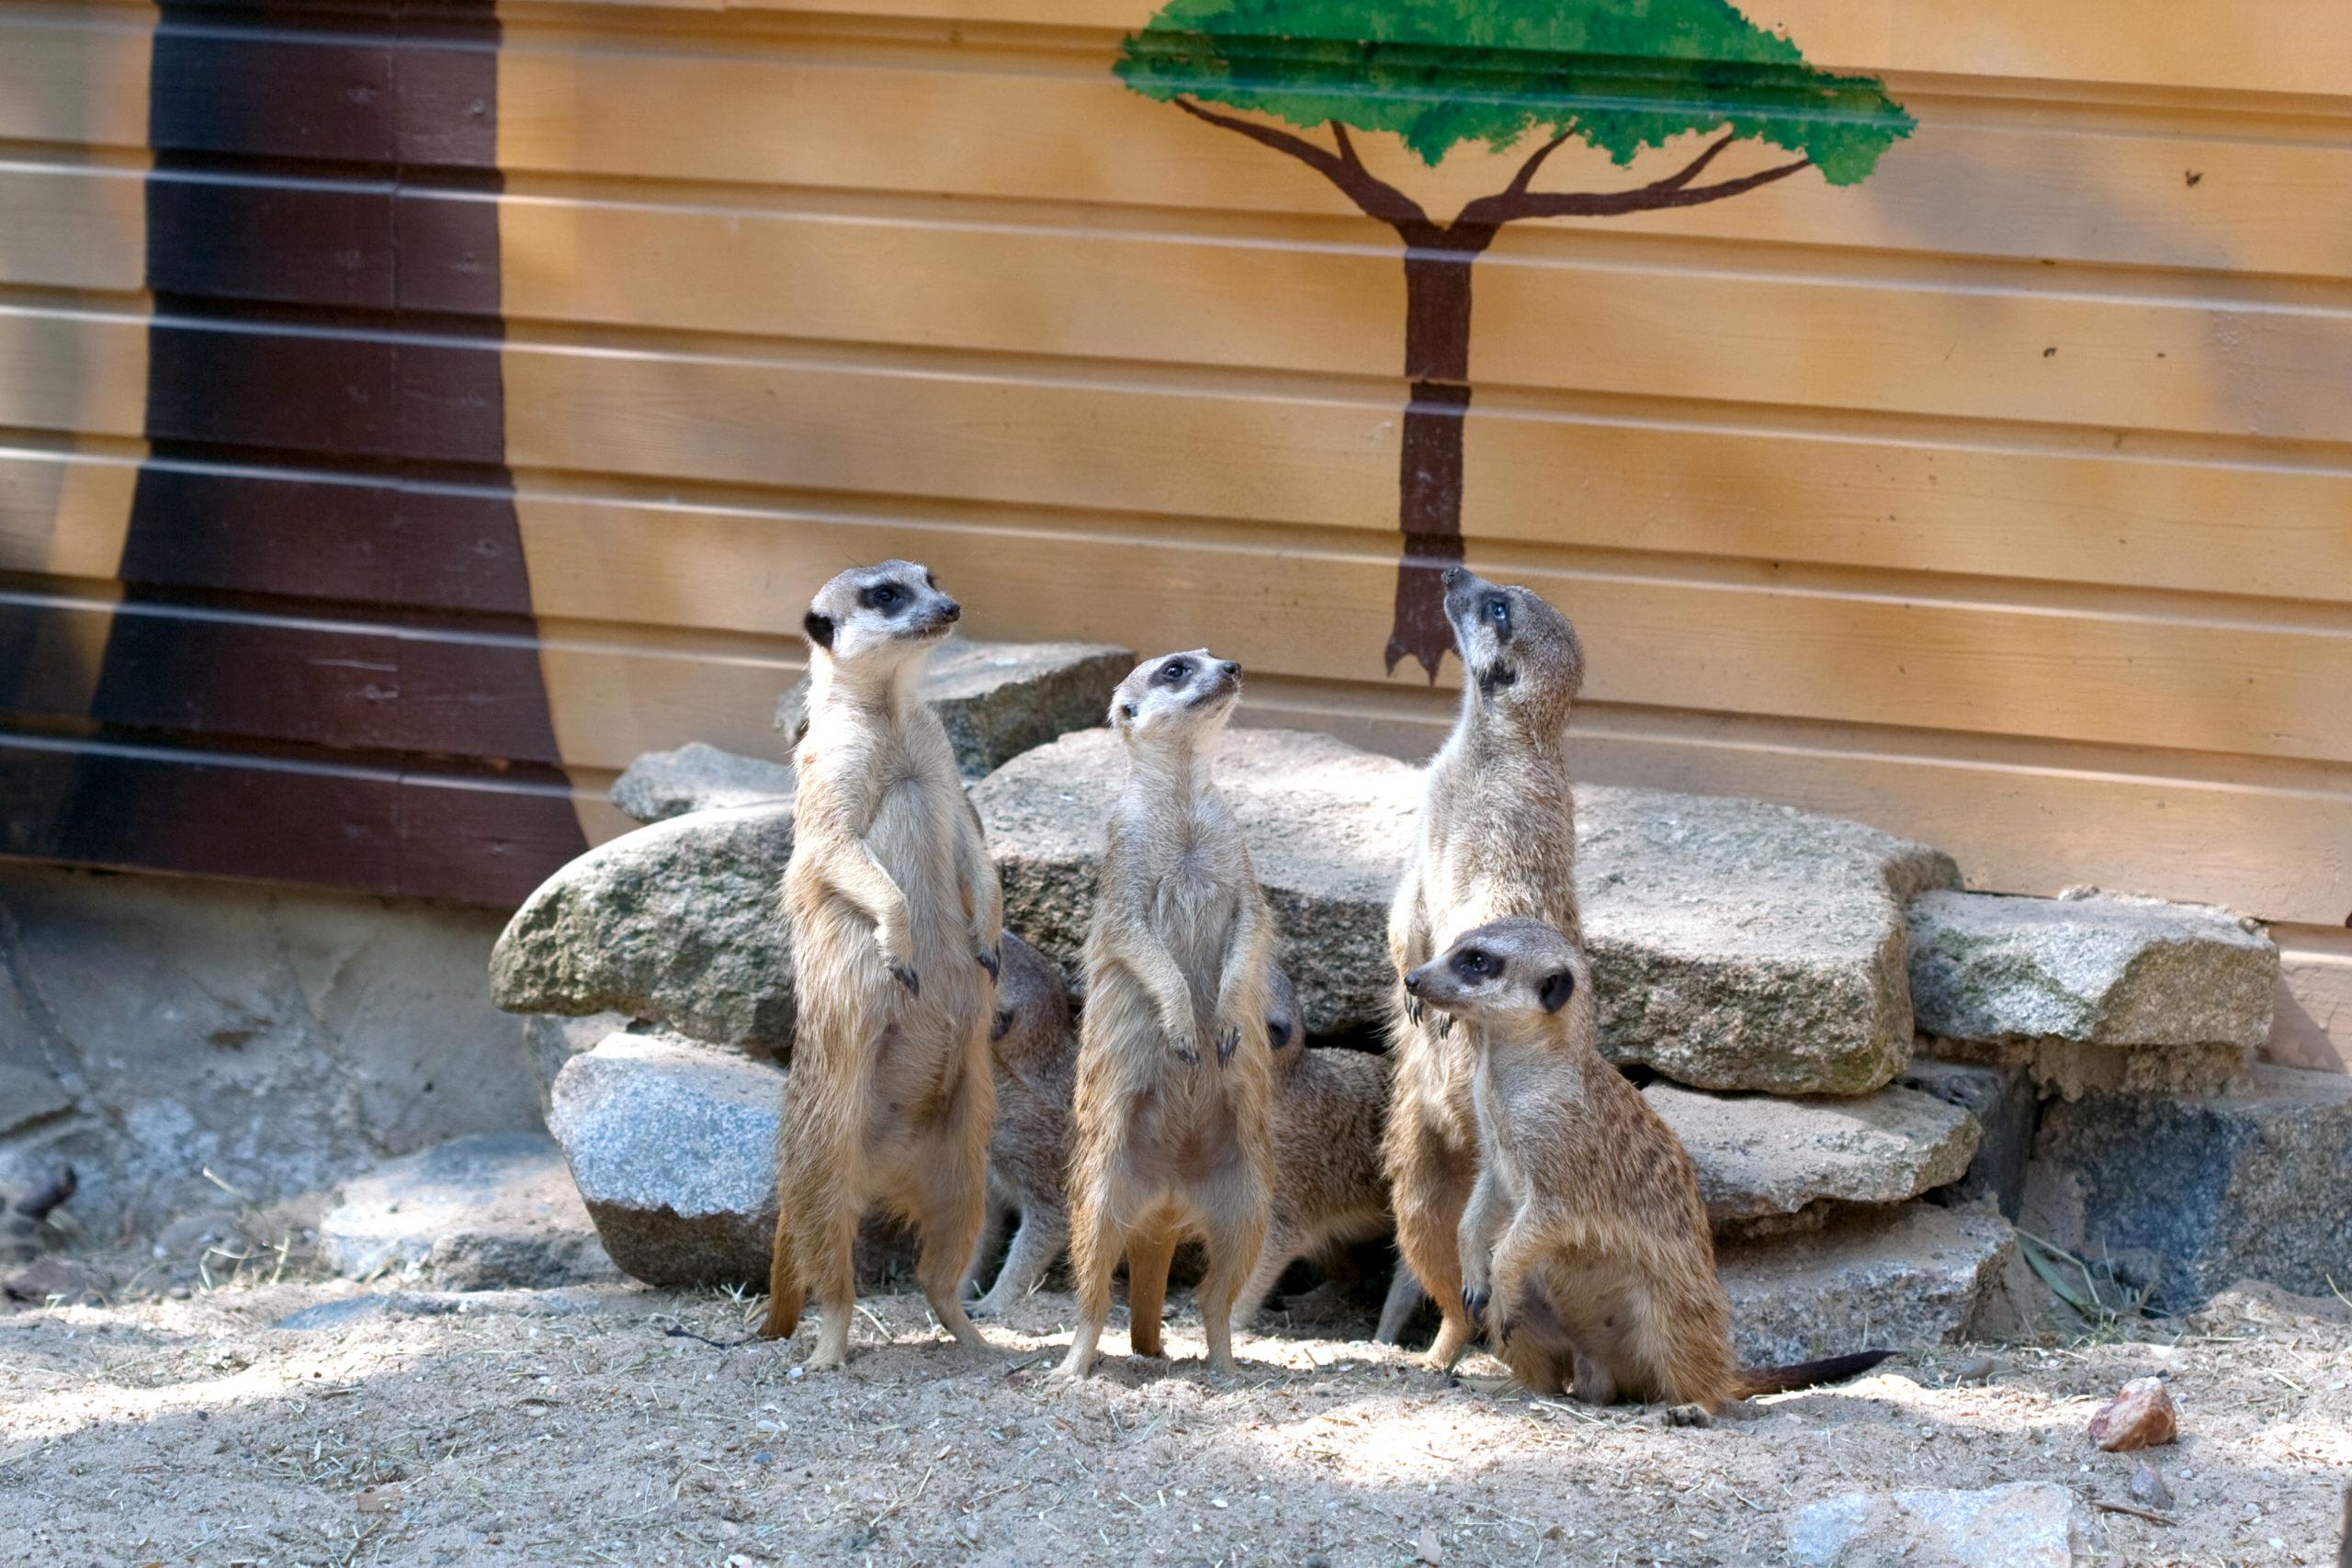 Erdmännchen im Tier- und Freizeitpark Germendorf. (c) CHICKENONSPEED